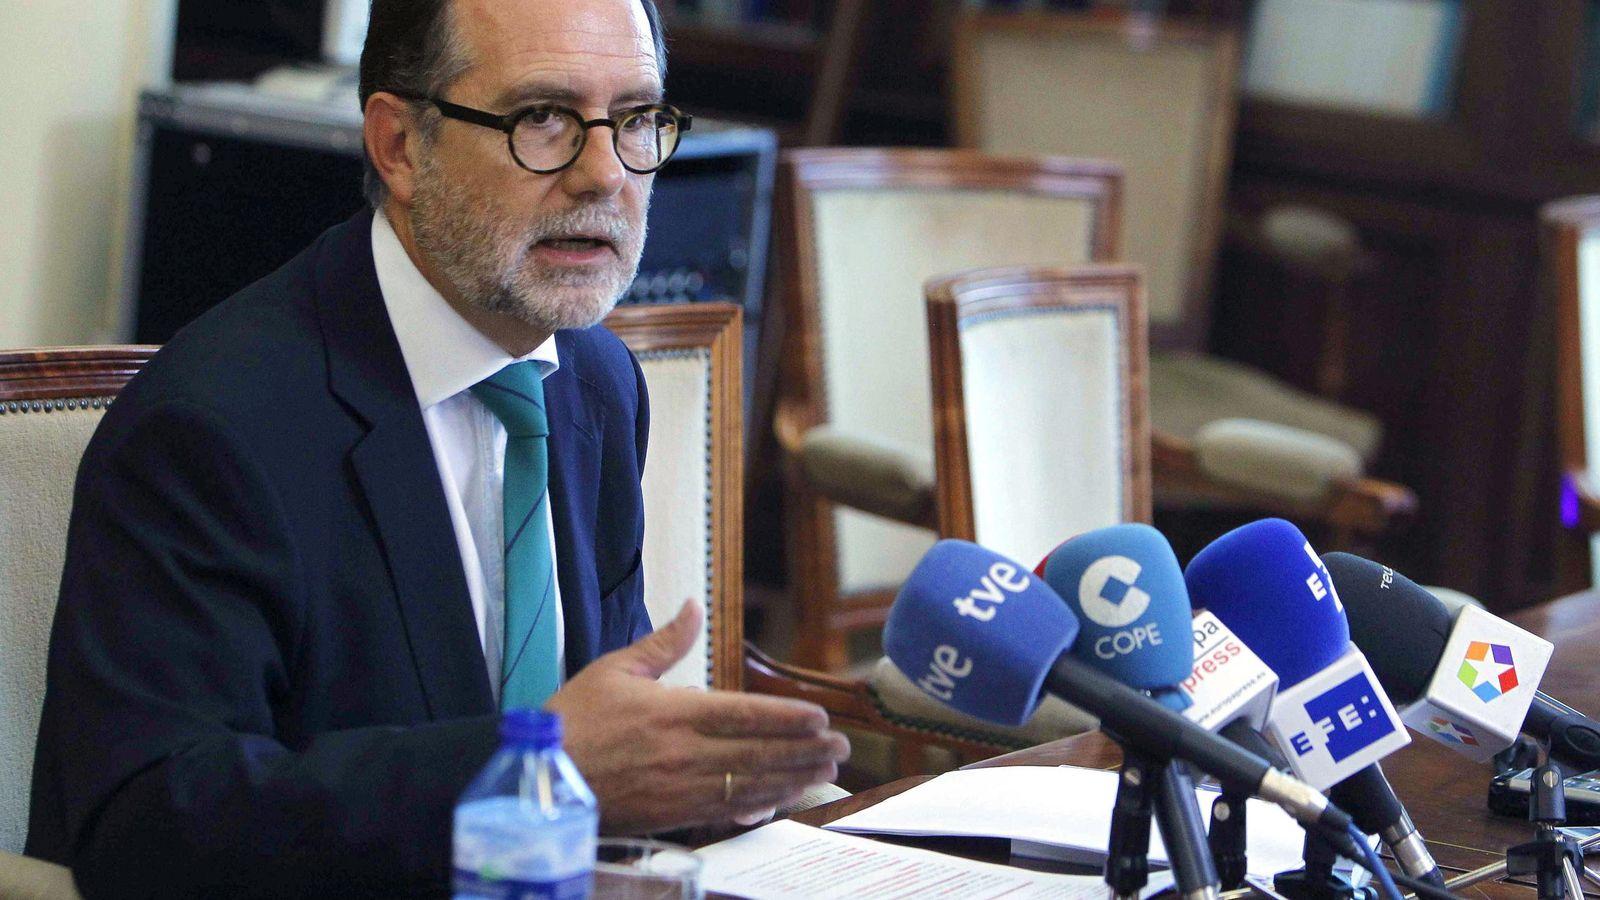 Foto: El presidente del Tribunal Superior de Justicia de Madrid, Francisco Javier Vieira Morante. (EFE)